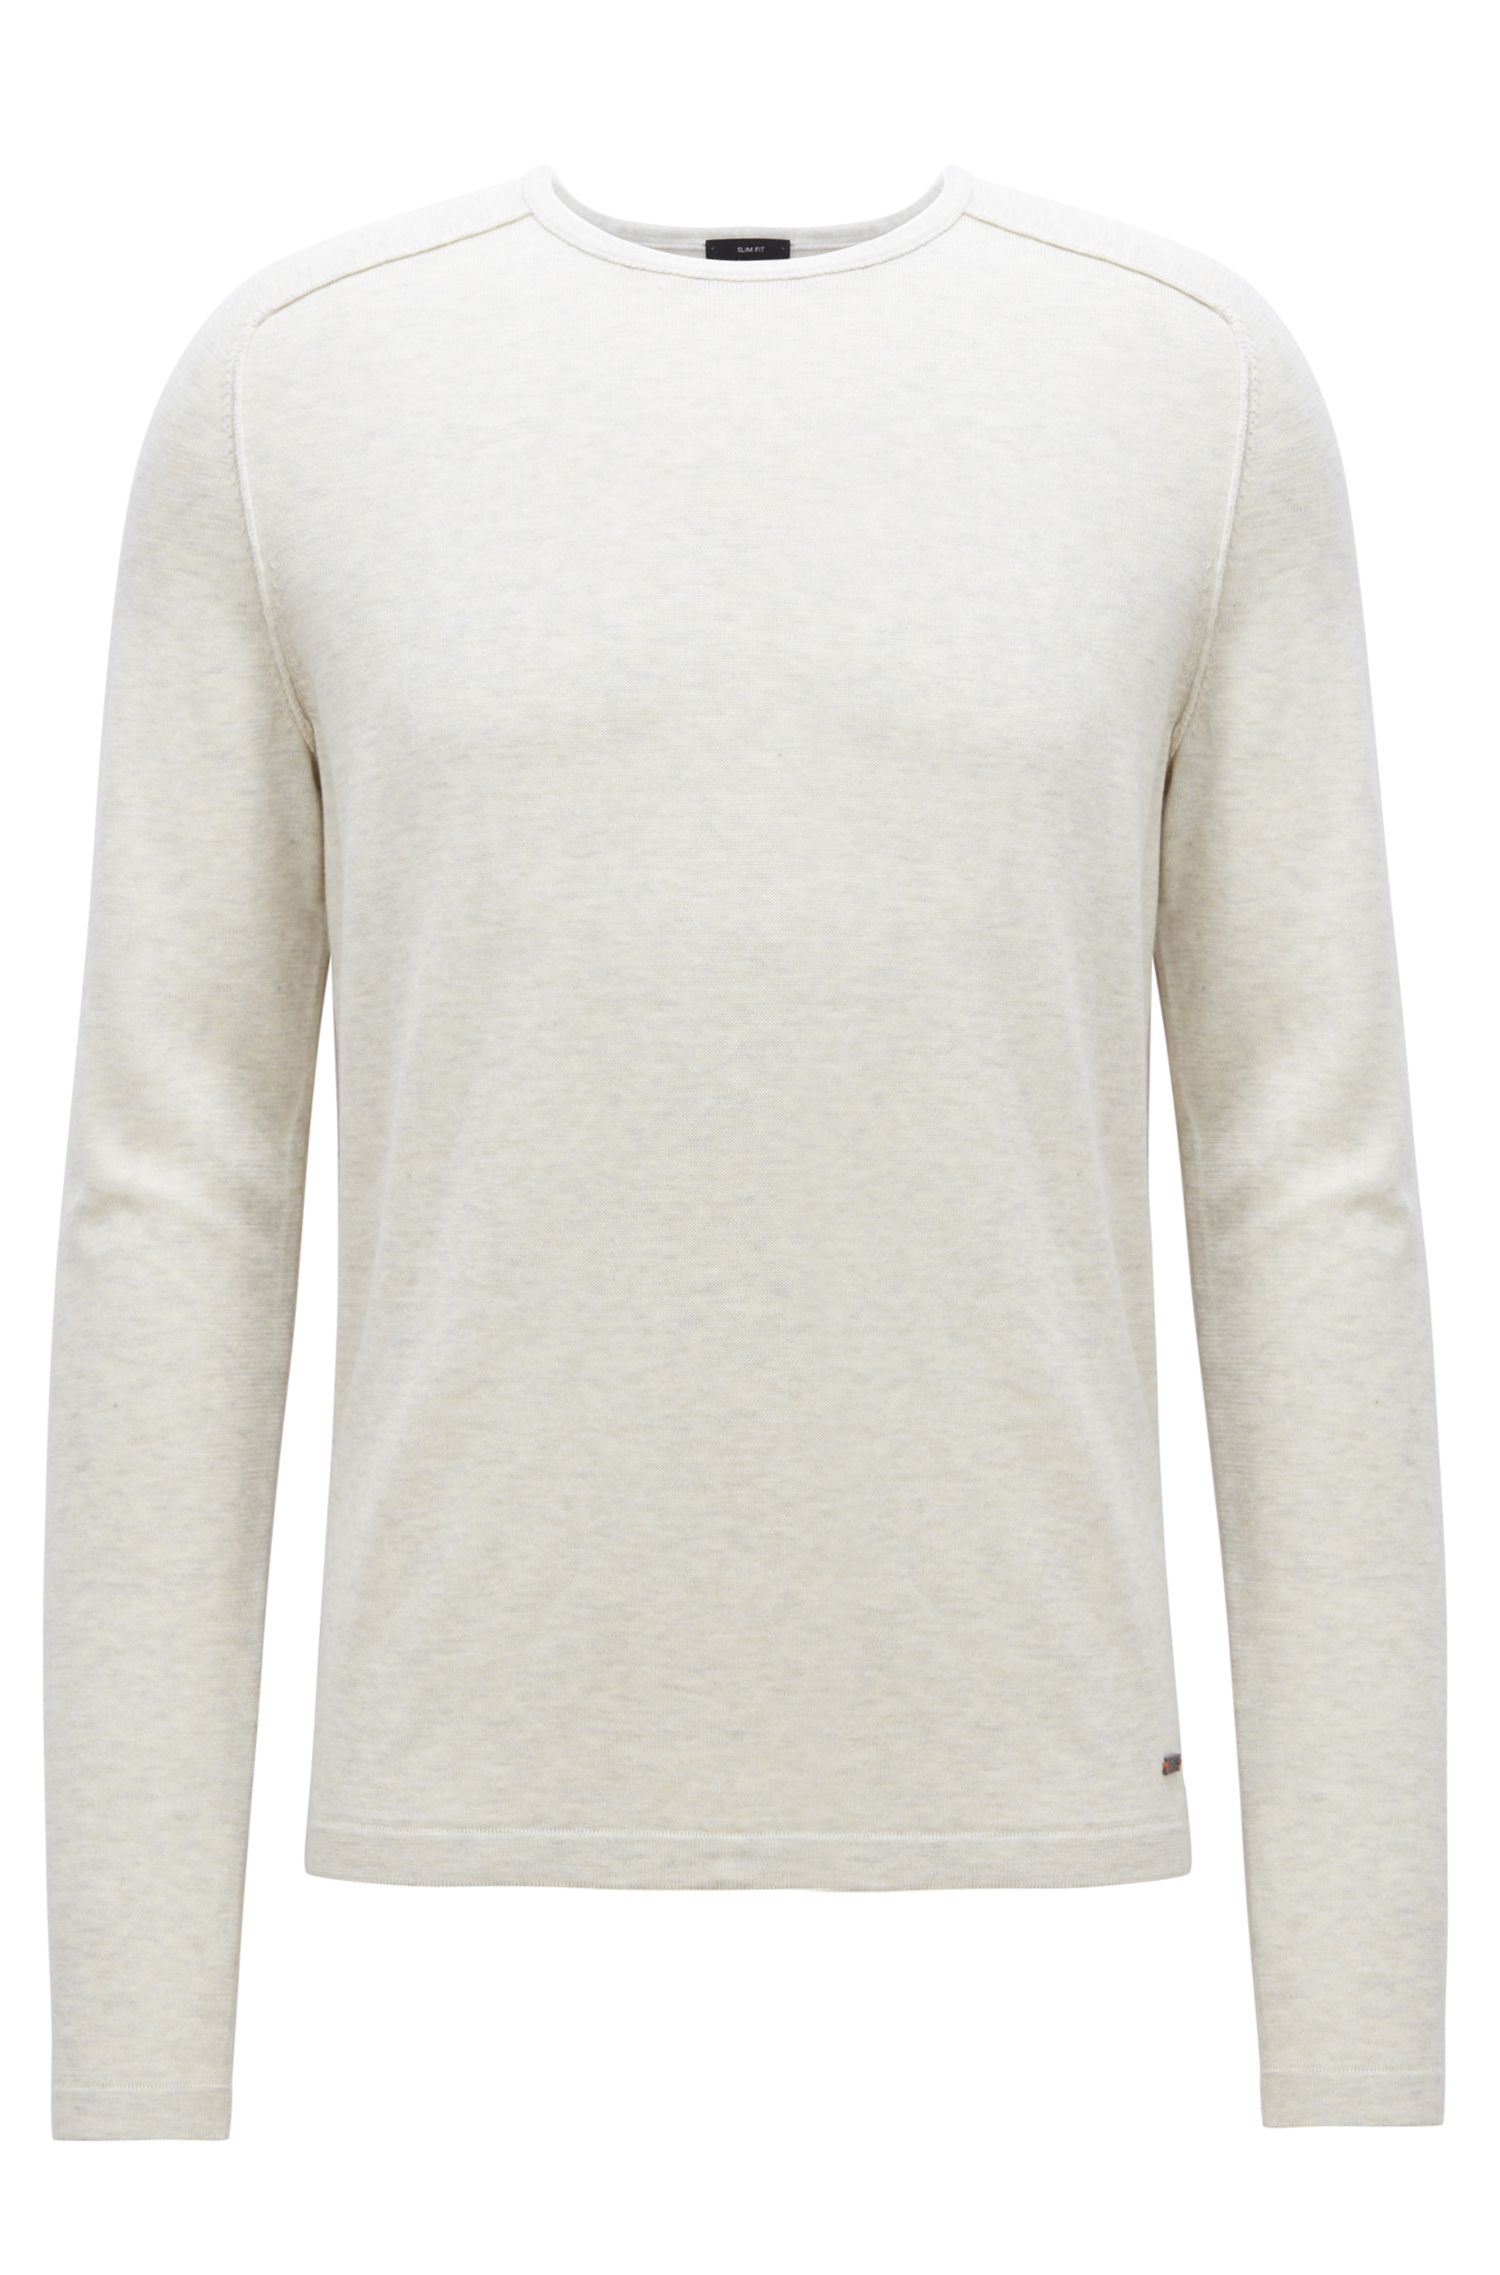 Pullover aus gestrickter Baumwolle mit Paspel-Details, Hellbeige